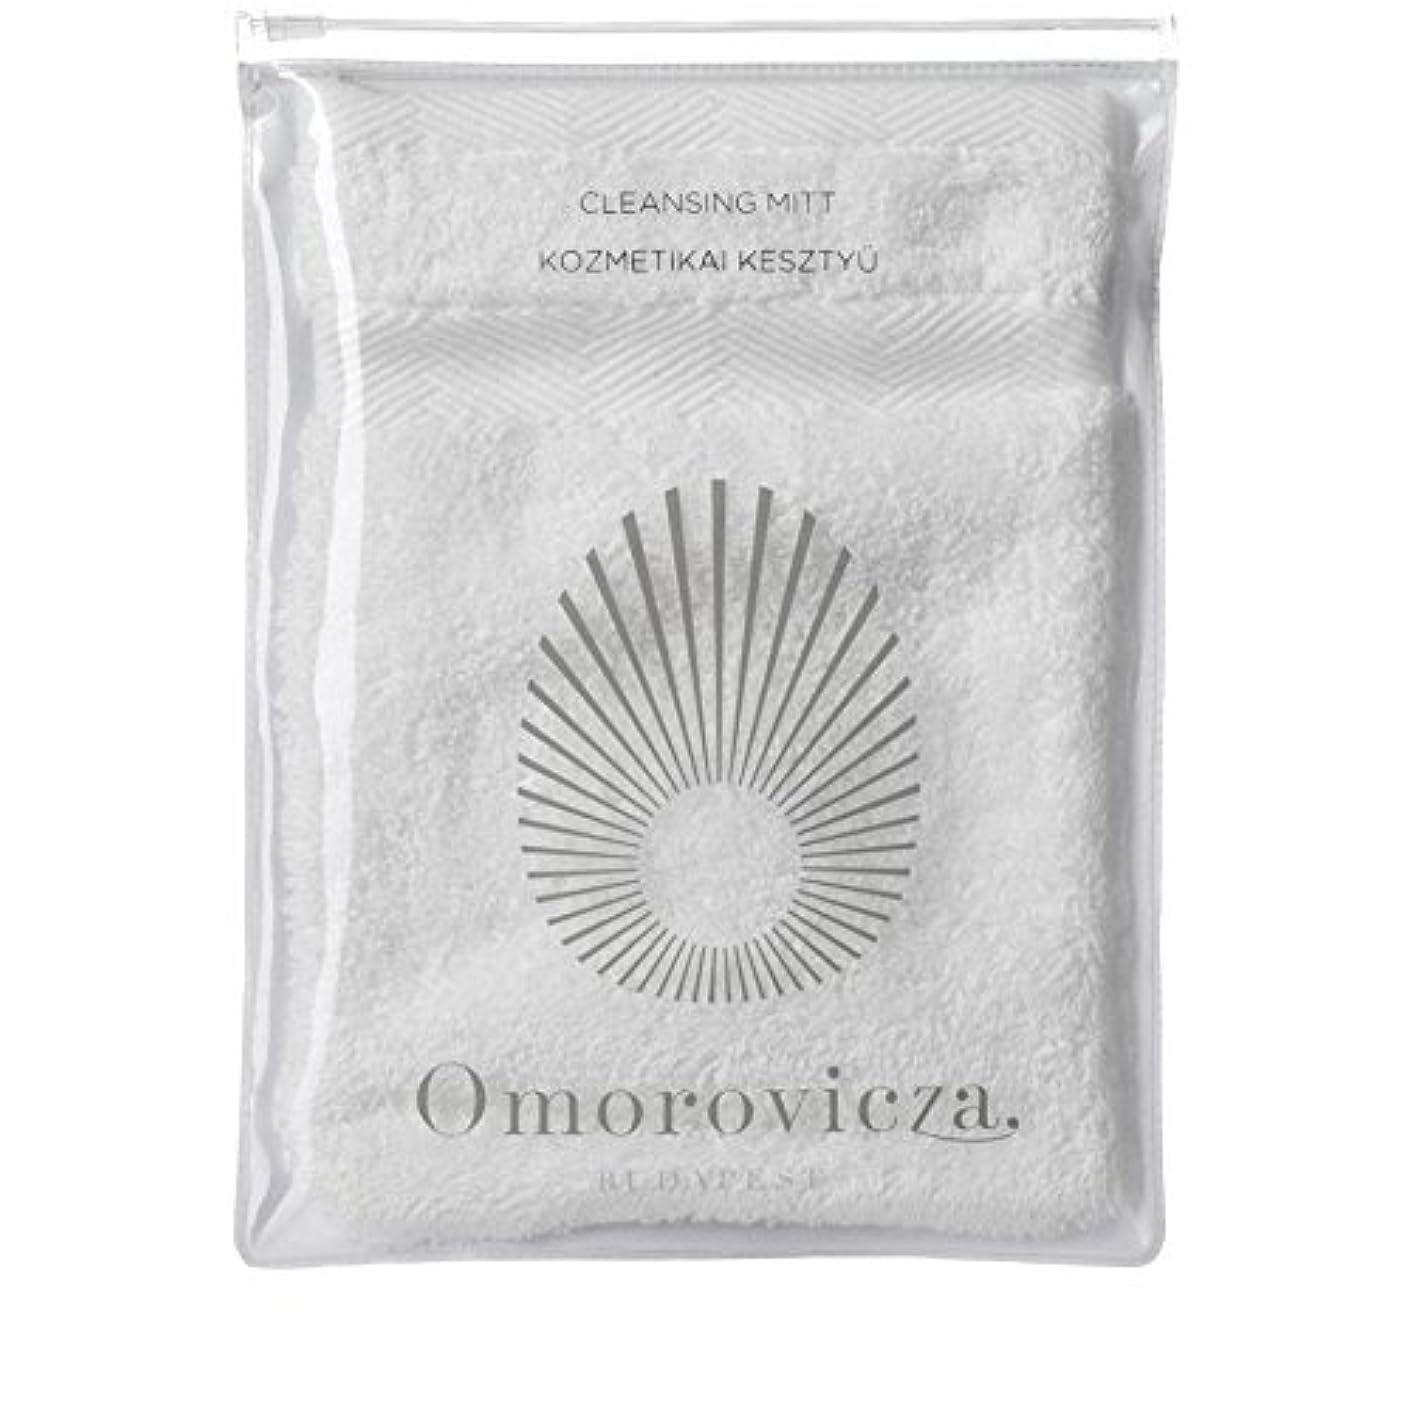 パーフェルビッド漂流区別Omorovicza Cleansing Facial Mitt, Omorovicza (Pack of 6) - クレンジング顔のミット、 x6 [並行輸入品]